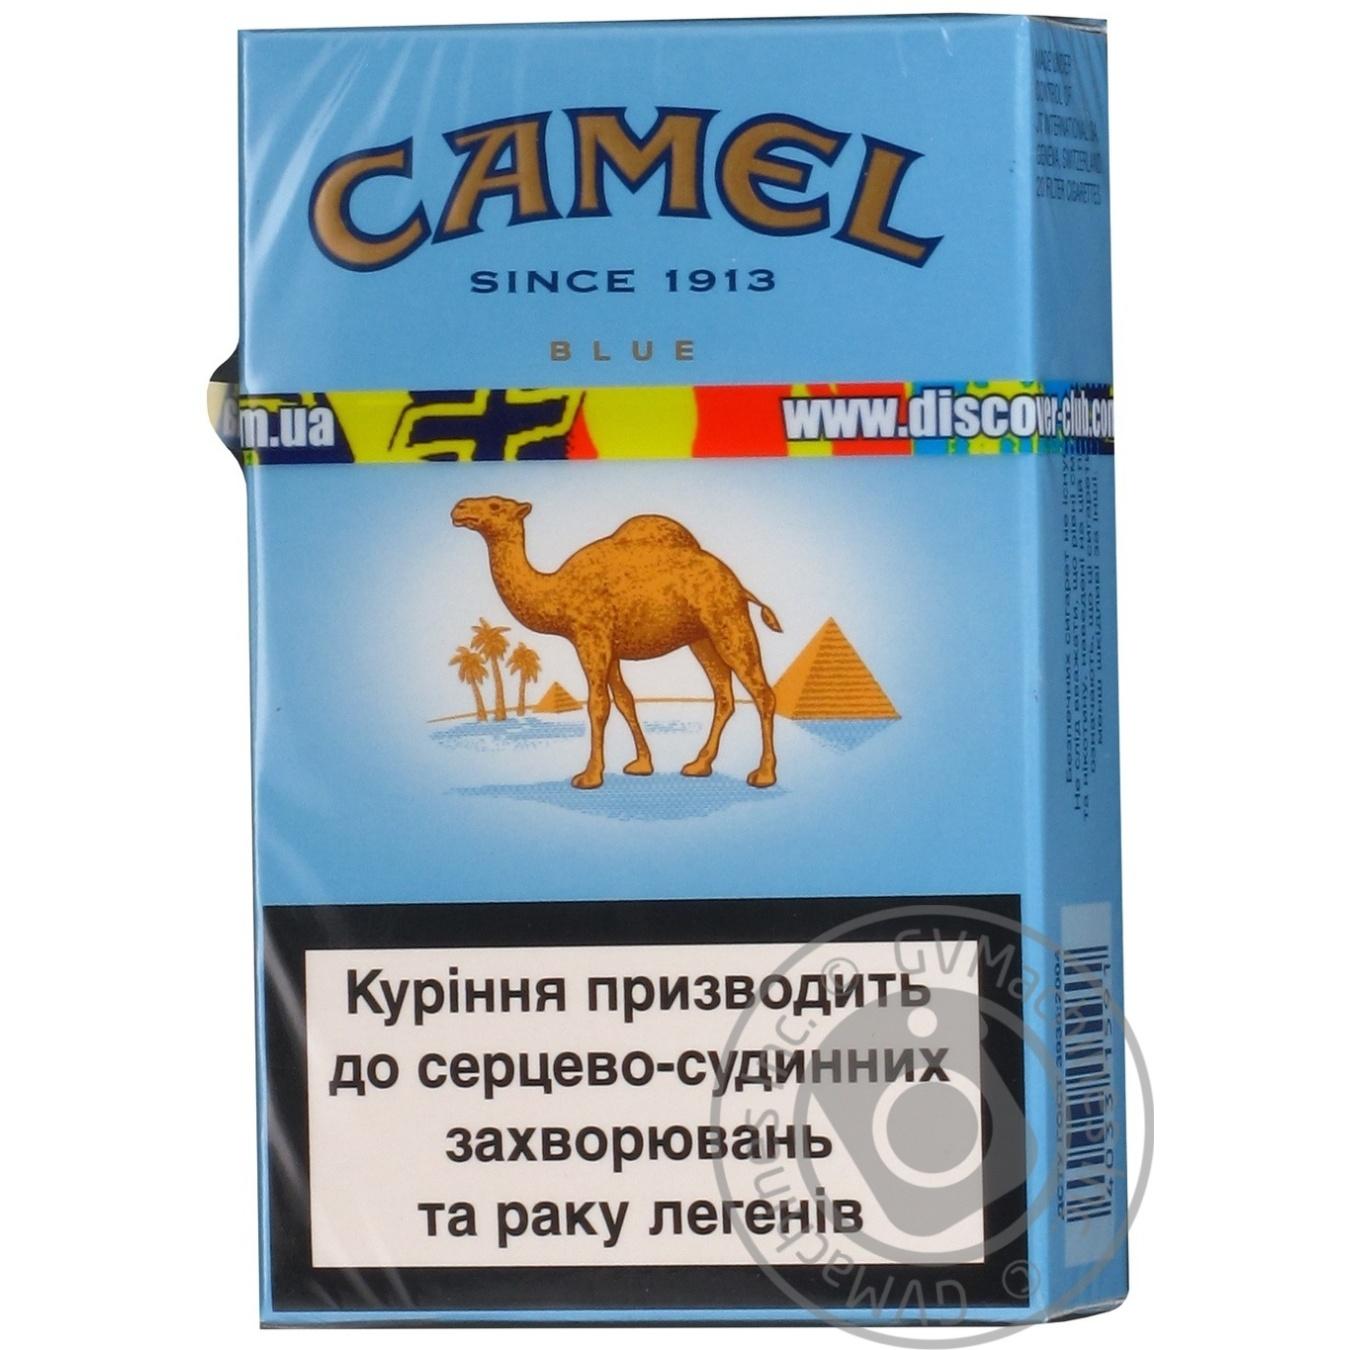 Сигареты кэмел купить в интернет где купить электро сигарета